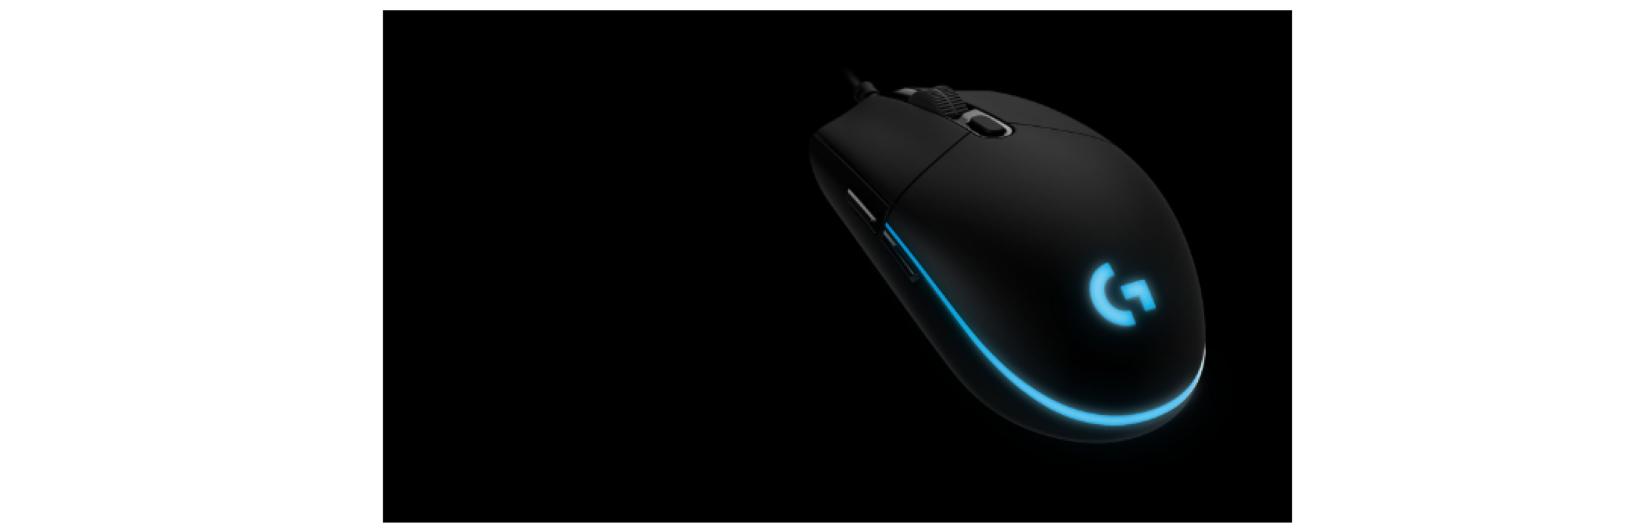 Chuột chơi game Logitech PRO HERO Gaming trang bị hệ thống Led RGB với công nghệ Lightsync